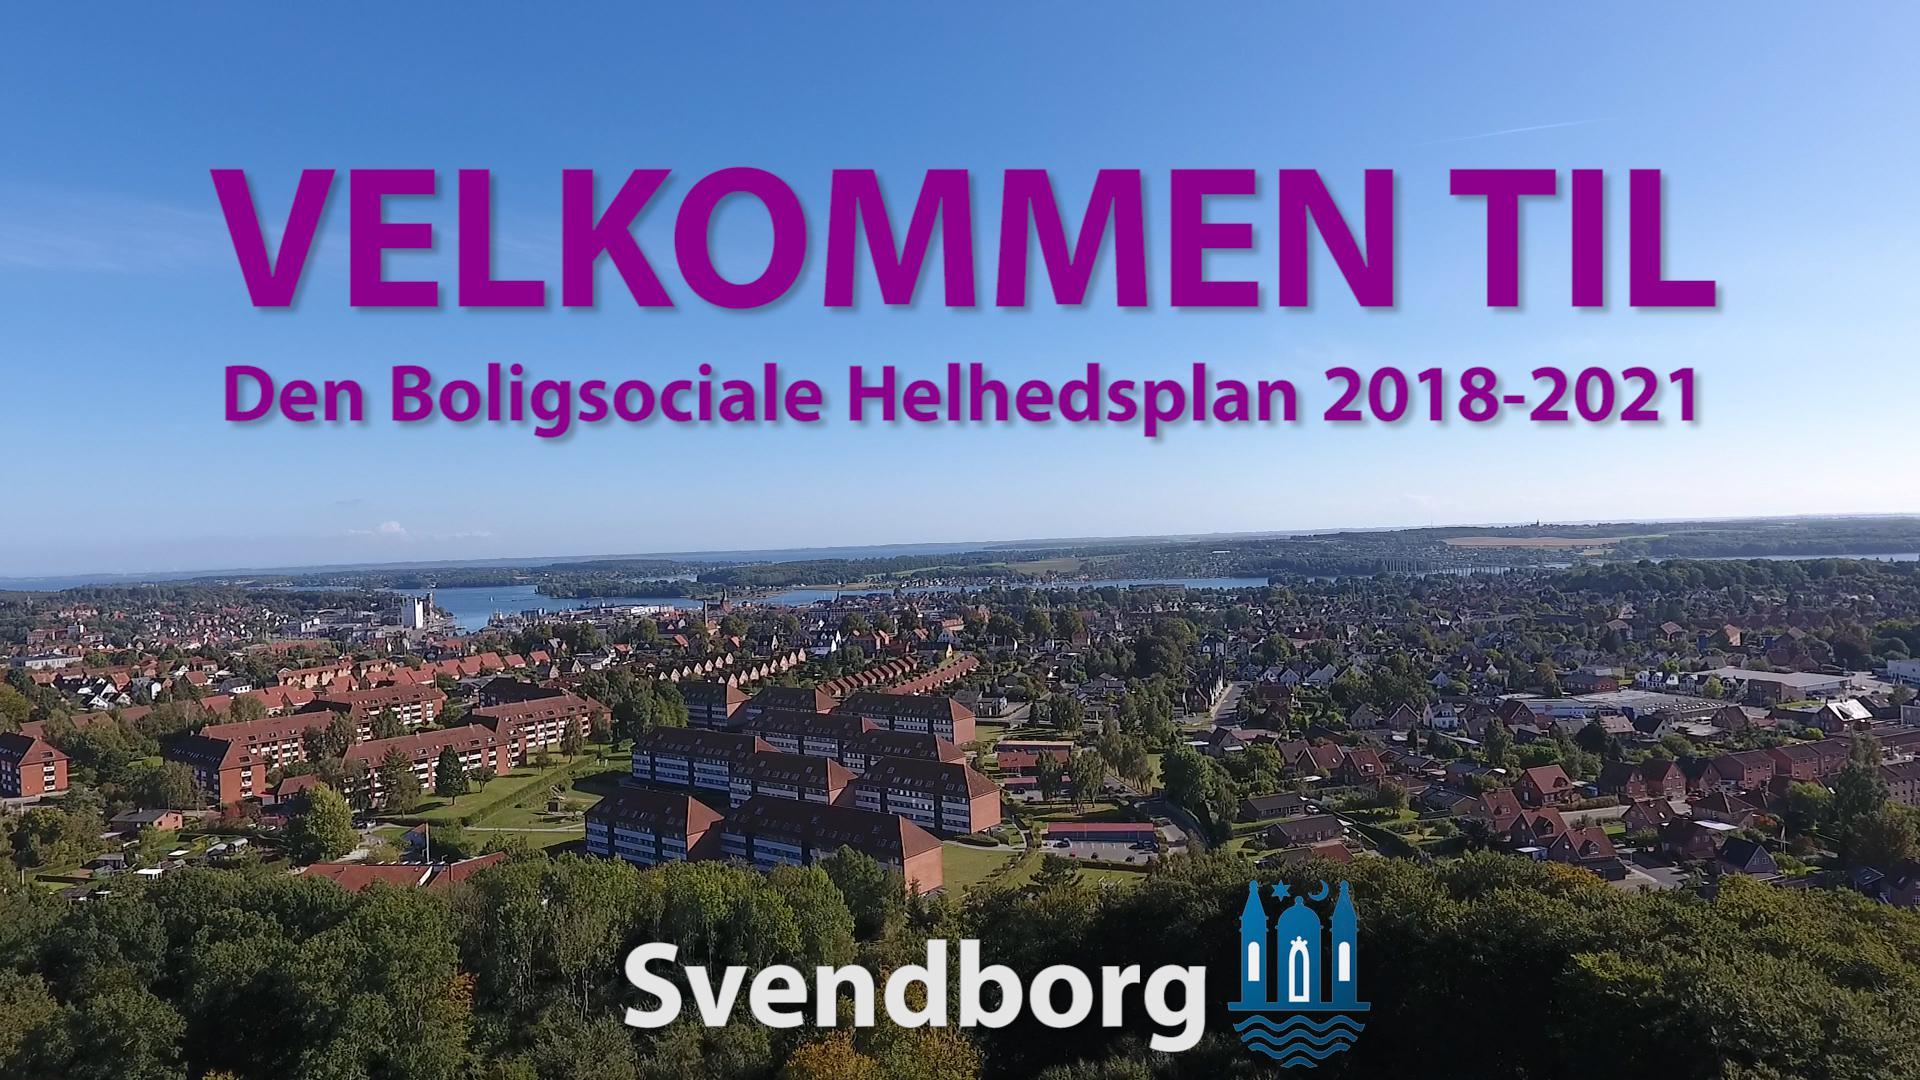 http://bsbsvendborg7504.dk/html5video/den-boligsociale-helhedsplan-2018-2021